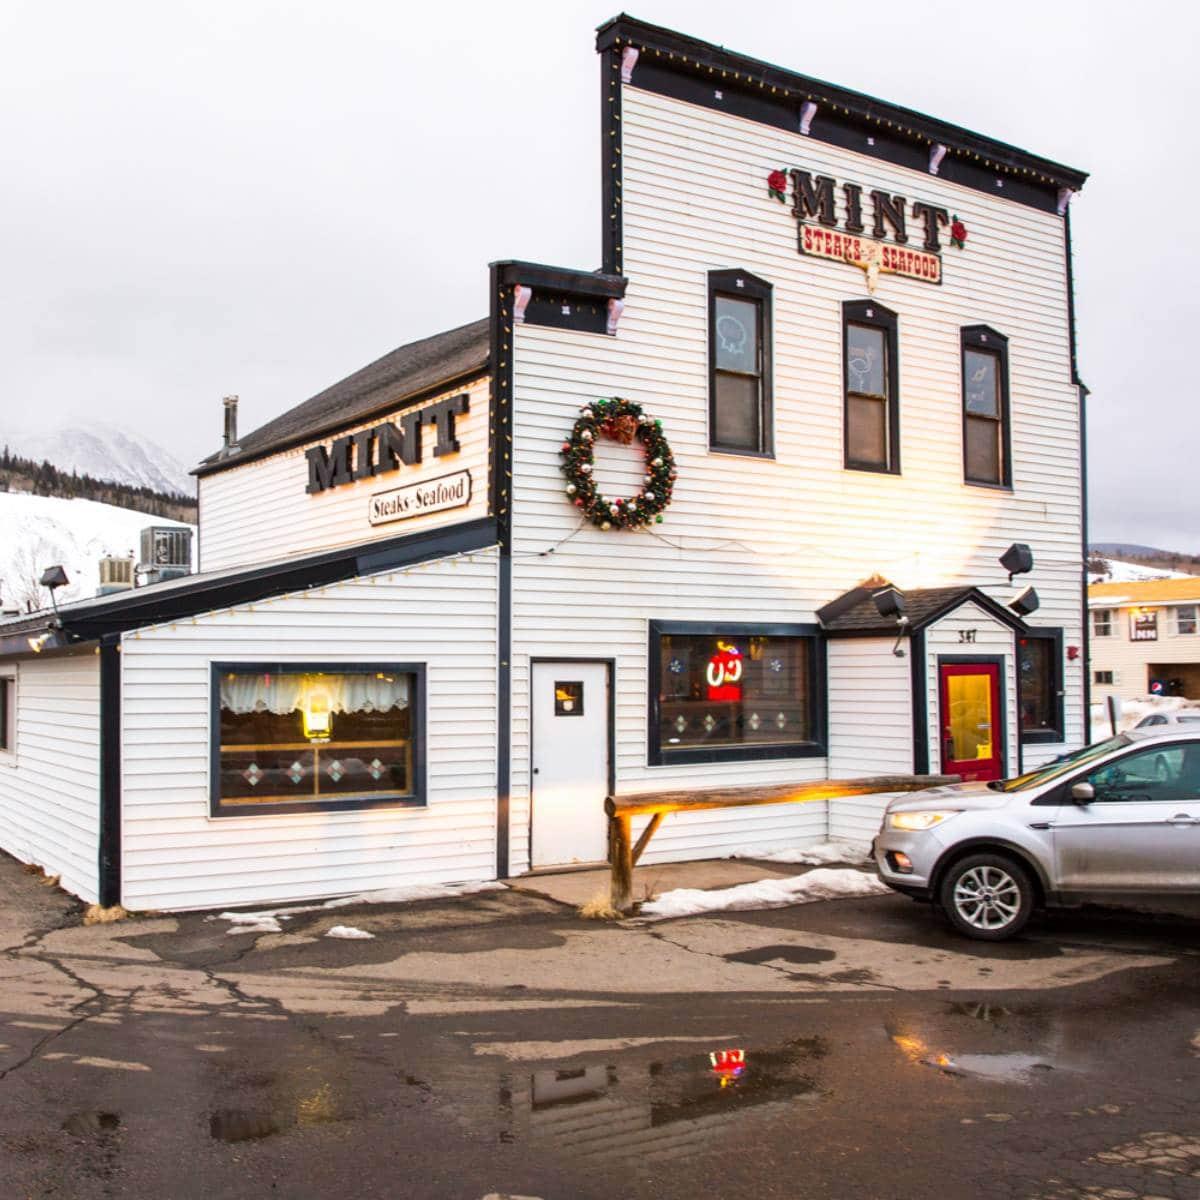 Mint Steakhouse restaurant, CO